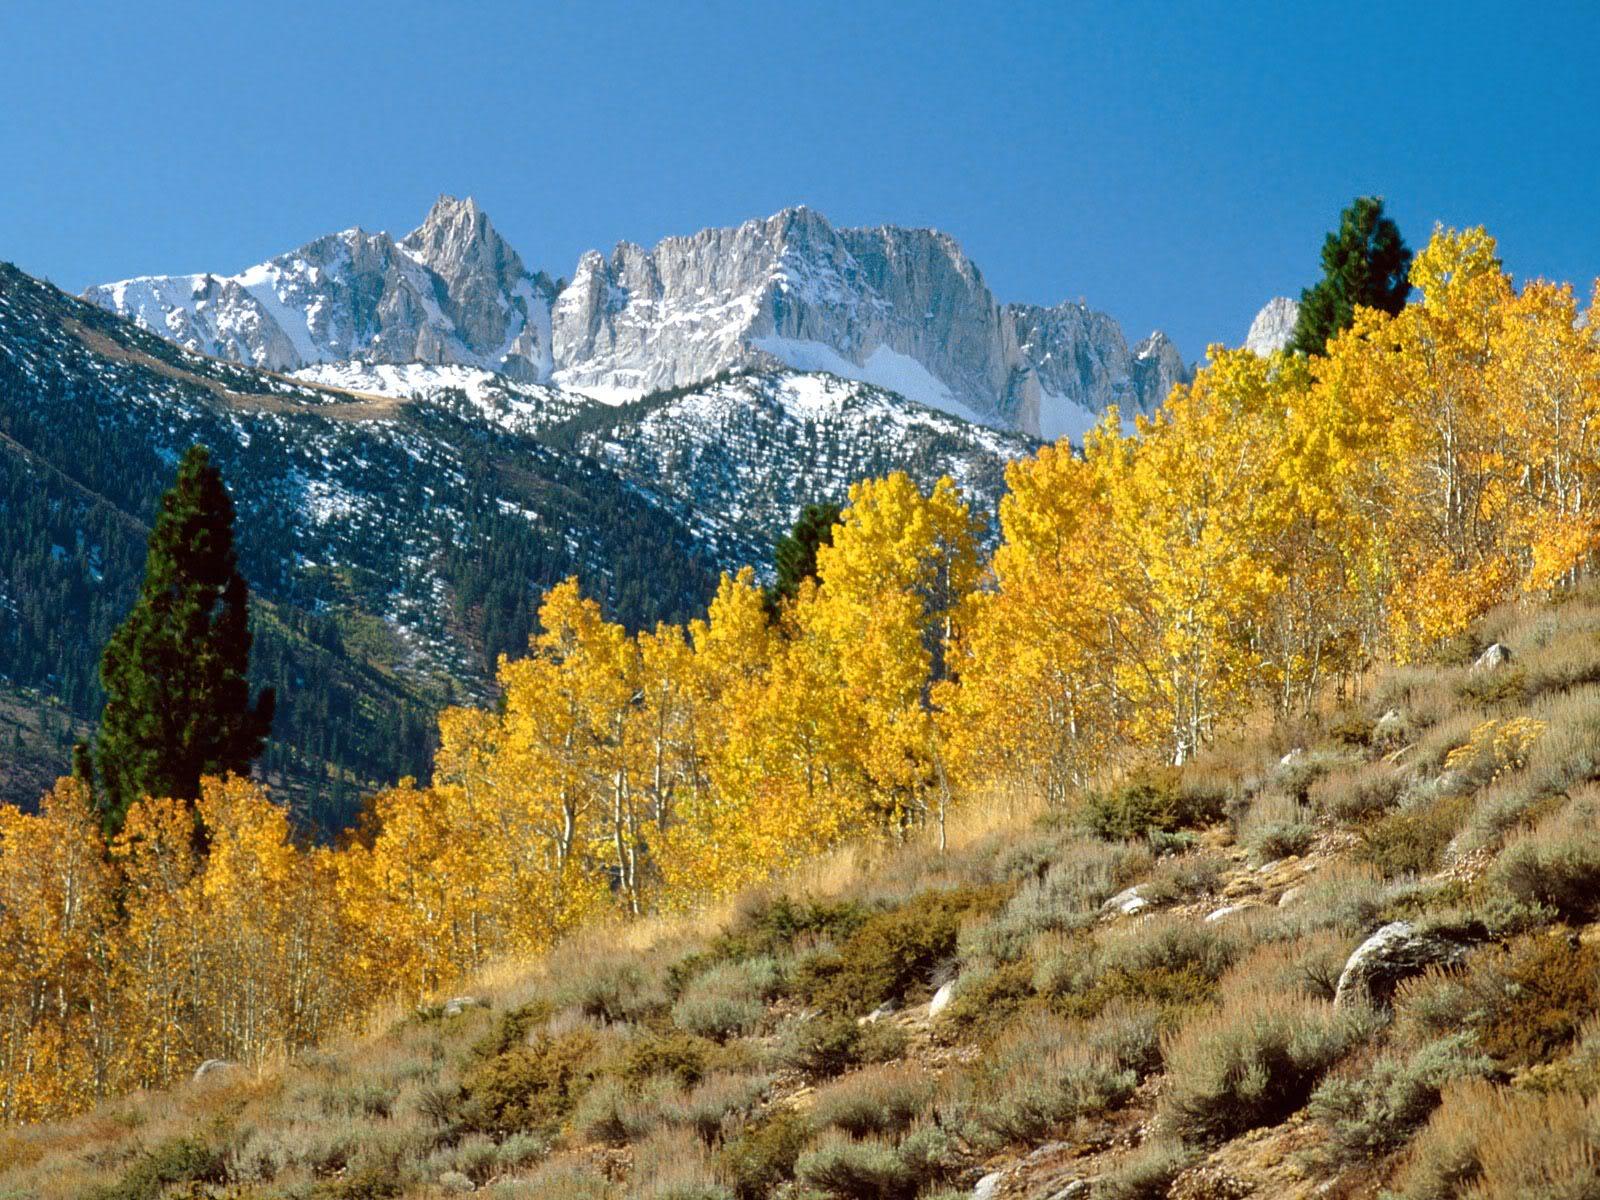 அழகு மலைகளின் காட்சிகள் சில.....02 - Page 22 AutumnatMatterhornPeakSawtoothRange